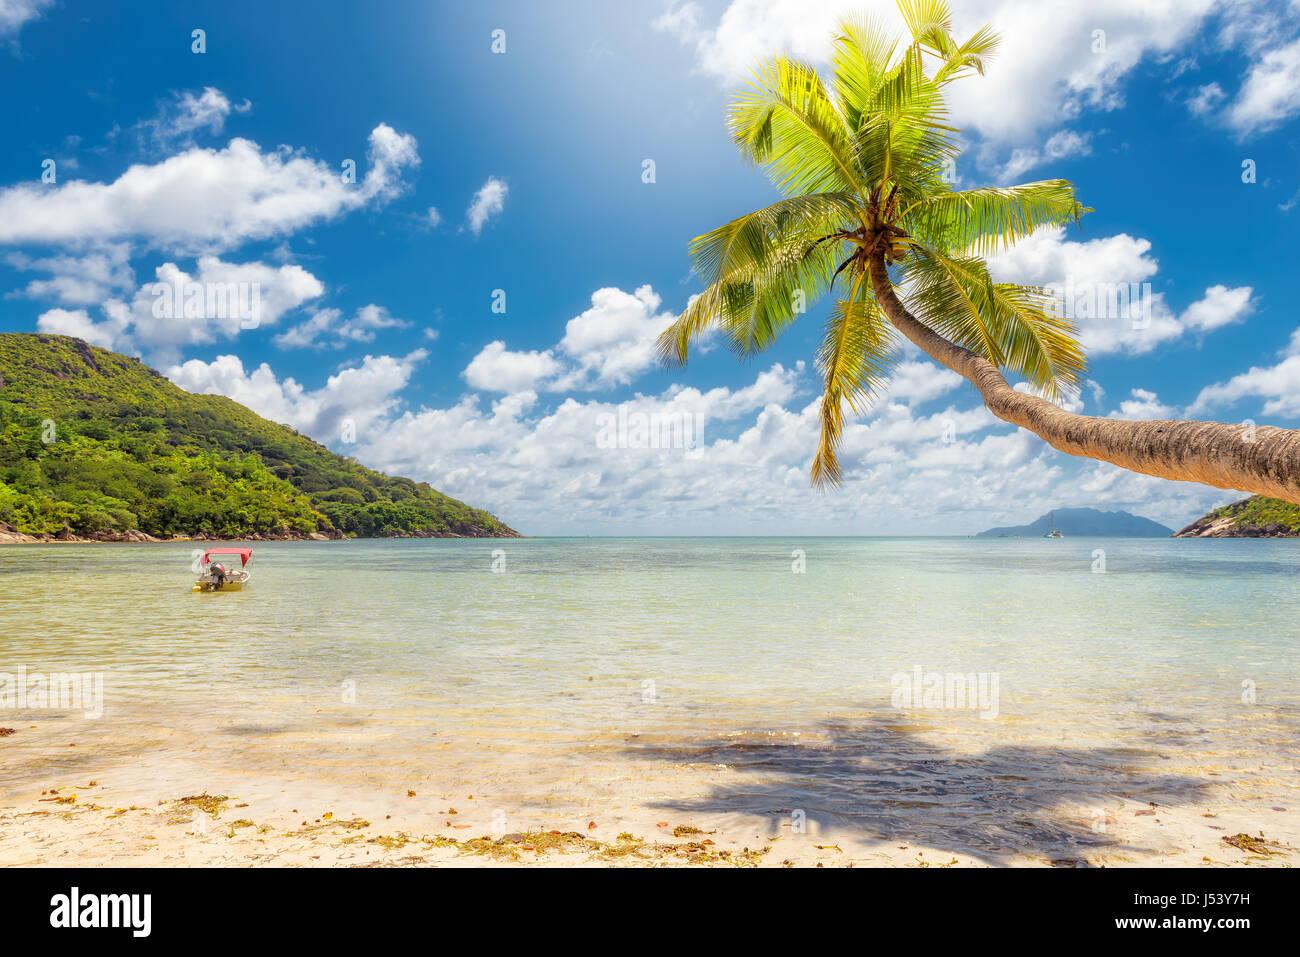 Le palme sulla spiaggia sotto il mare nella giornata di sole Immagini Stock